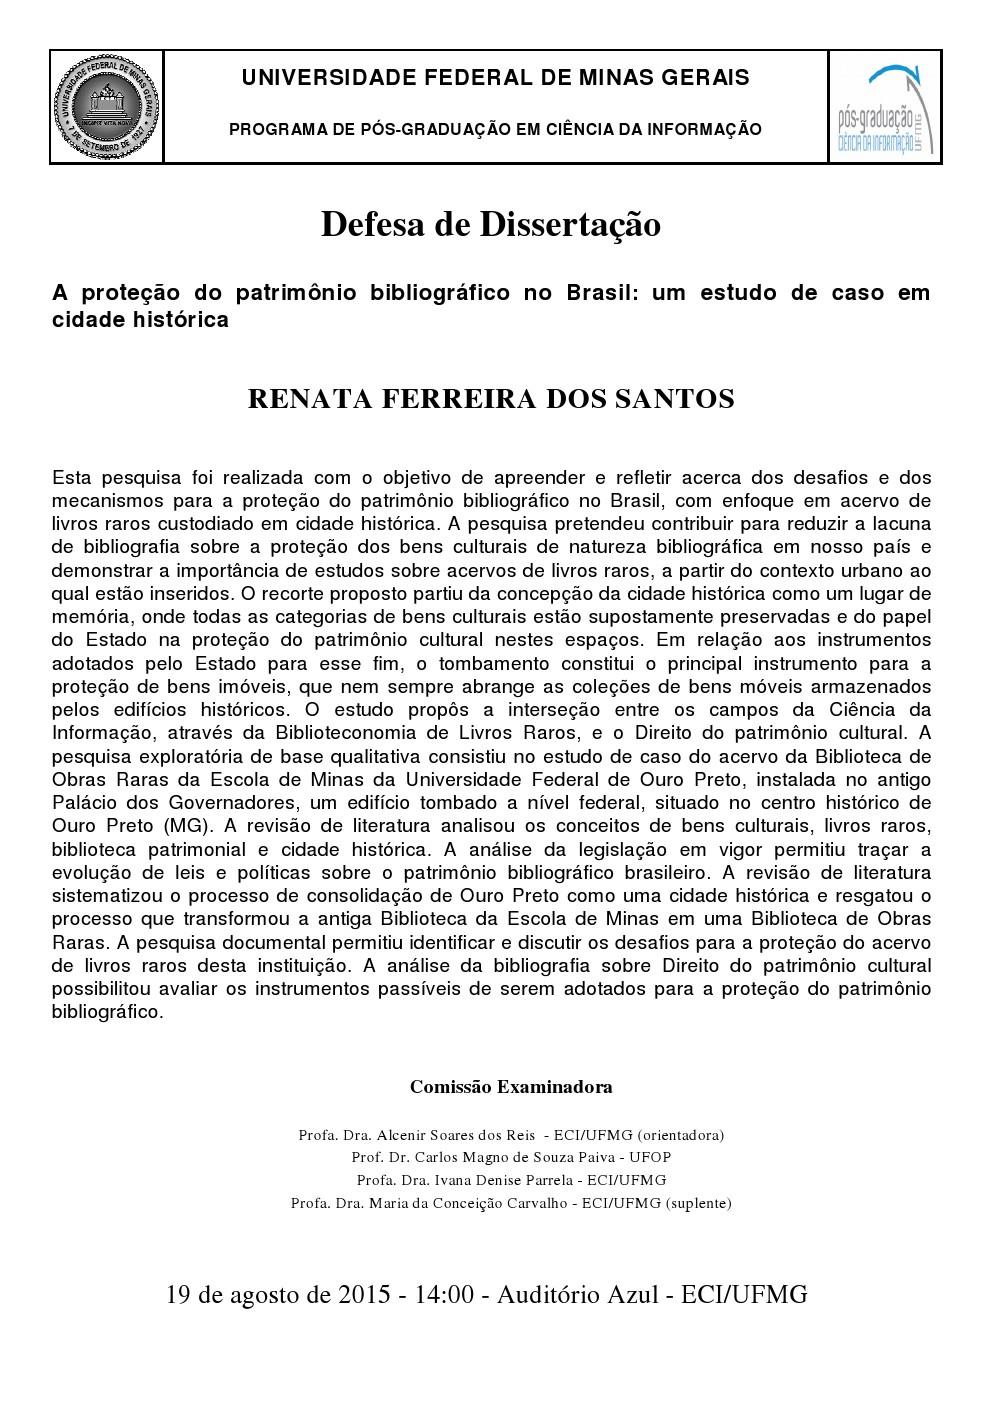 Defesa de dissertação Renata Ferreira dos Santos